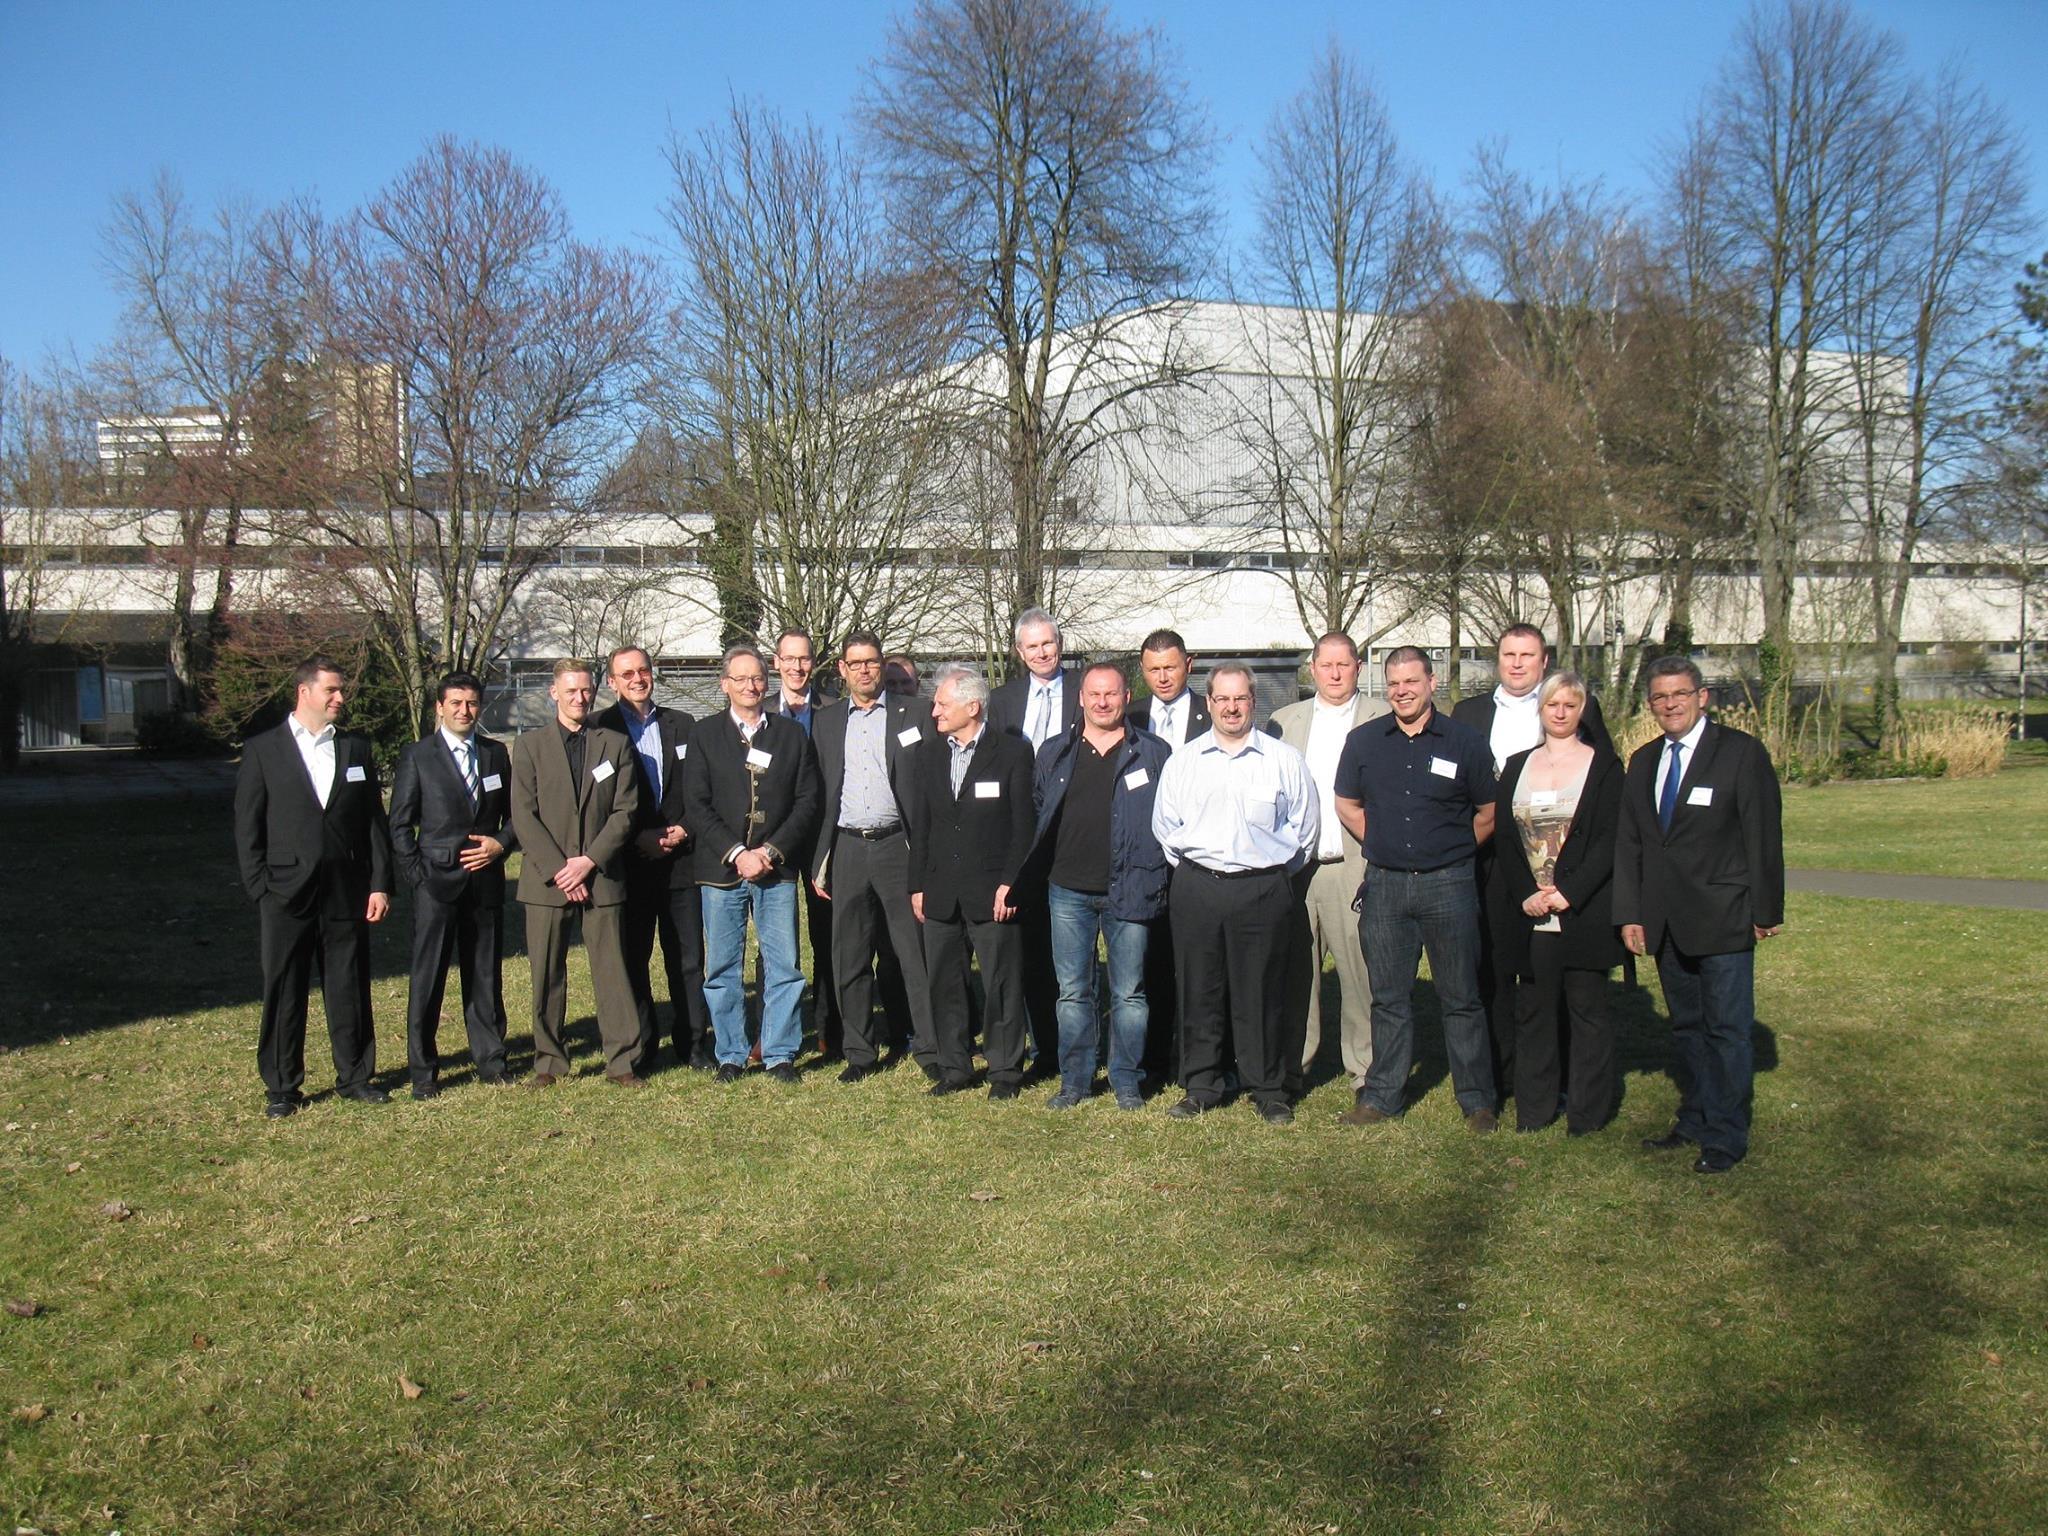 Gruppenfoto der Gründungsmitglieder (BVMS)